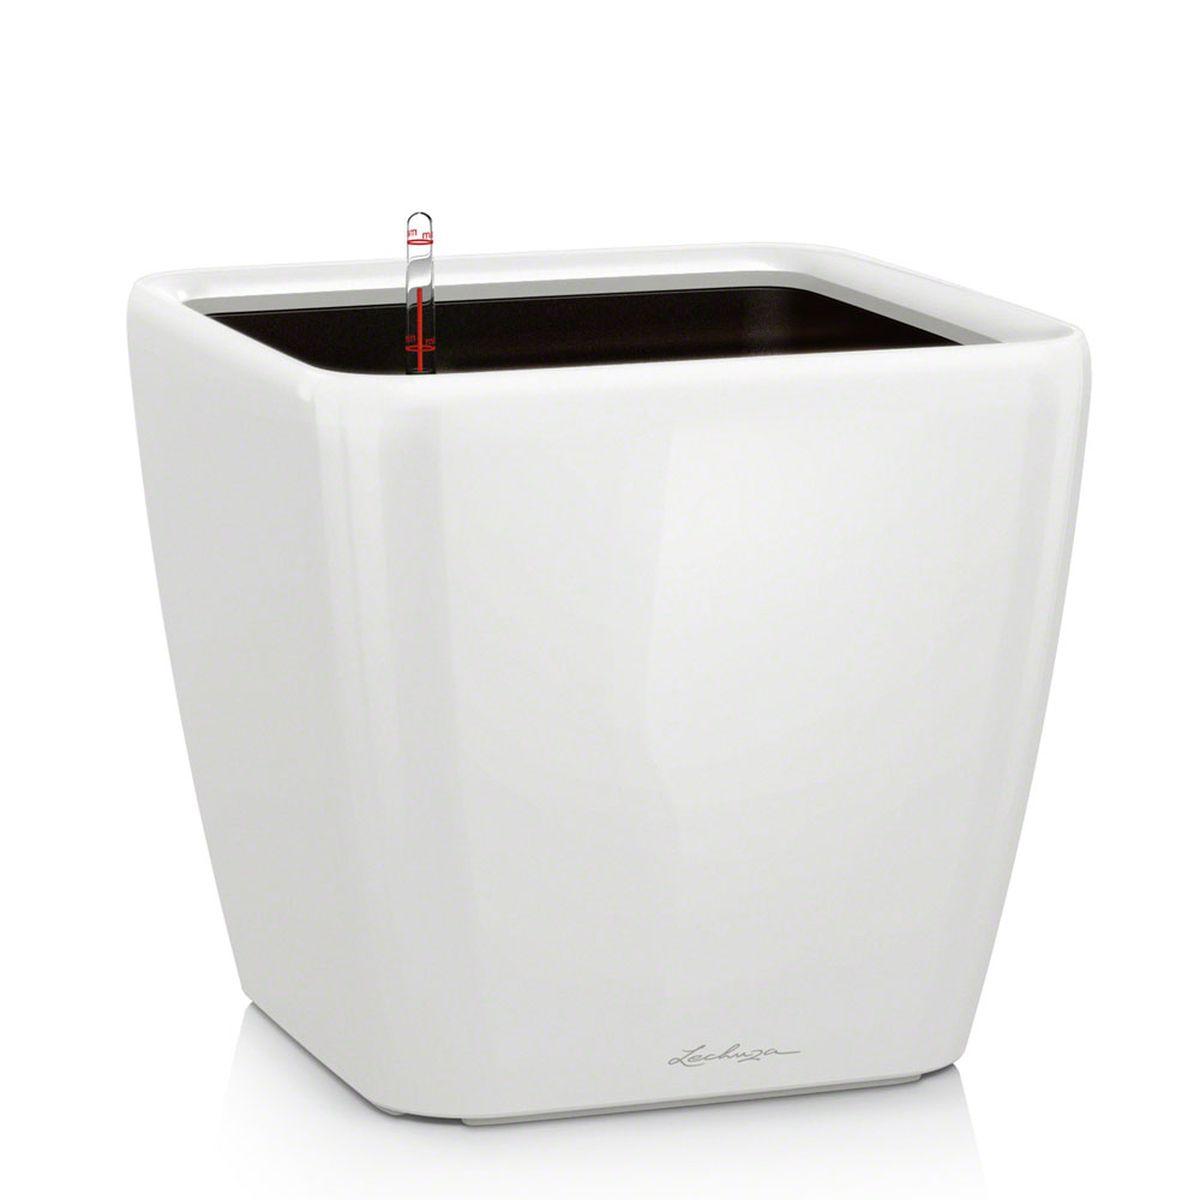 Кашпо Lechuza Quadro, с системой автополива, цвет: белый, 43 х 43 х 40 см16180Кашпо Lechuza Quadro, выполненное из высококачественного пластика, имеет уникальную систему автополива, благодаря которой корневая система растения непрерывно снабжается влагой из резервуара. Уровень воды в резервуаре контролируется с помощью специального индикатора. В зависимости от размера кашпо и растения воды хватает на 2-12 недель. Это способствует хорошему росту цветов и предотвращает переувлажнение.В набор входит: кашпо, внутренний горшок, индикатор уровня воды, вал подачи воды, субстрат растений в качестве дренажного слоя, резервуар для воды.Кашпо Lechuza Quadro прекрасно впишется в любой интерьер. Оно поможет расставить нужные акценты, а также придаст помещению вид, соответствующий вашим представлениям.